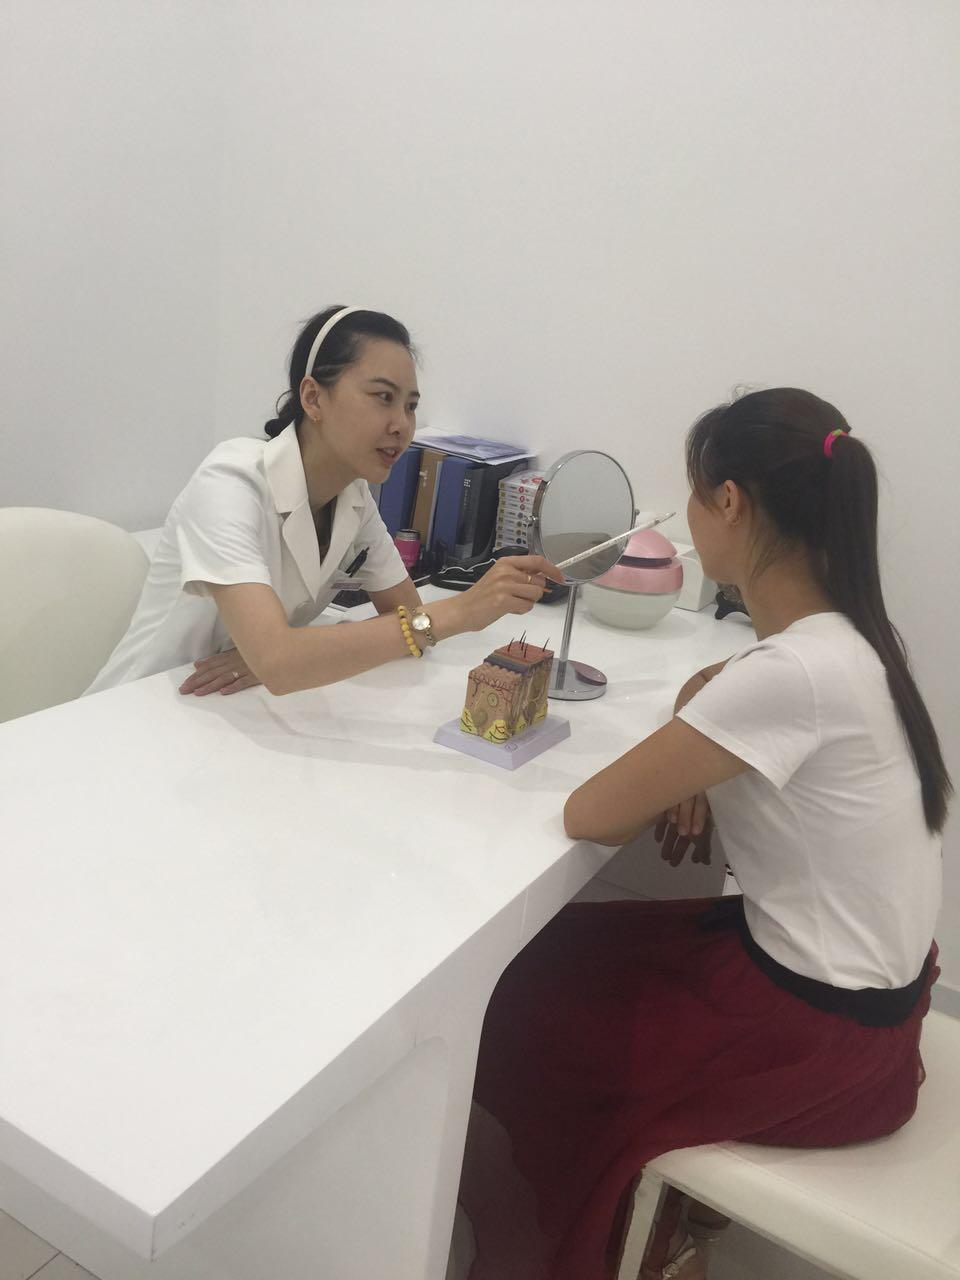 北京雍禾美度门诊部-张莎莎